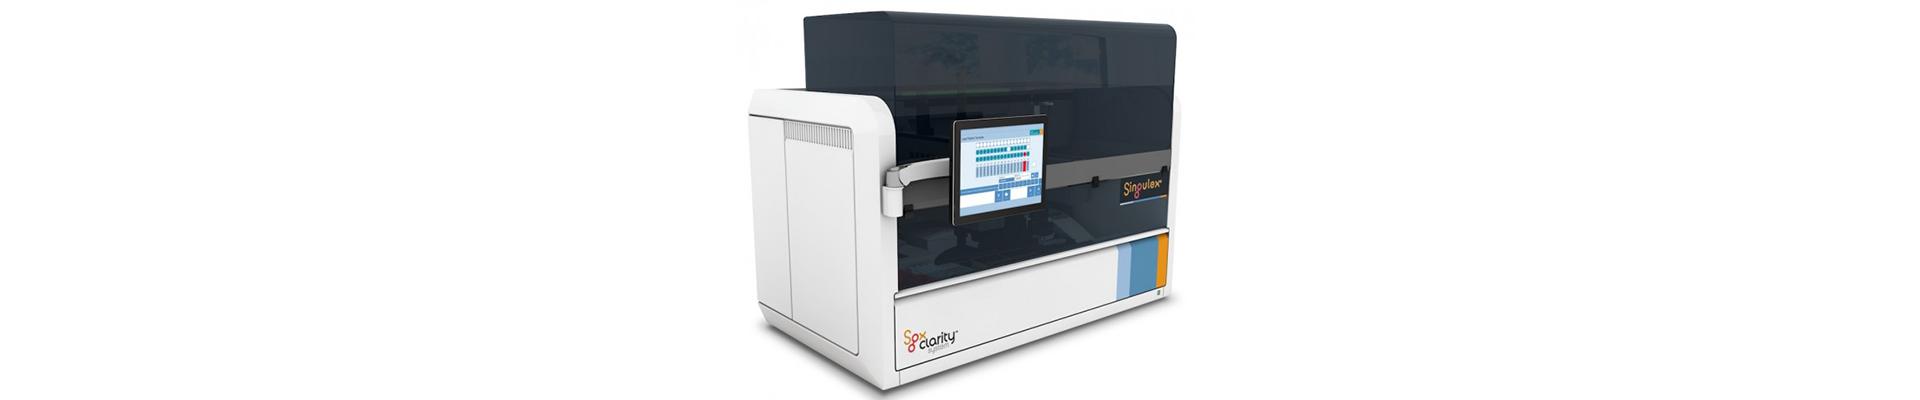 Singulex Clarity System